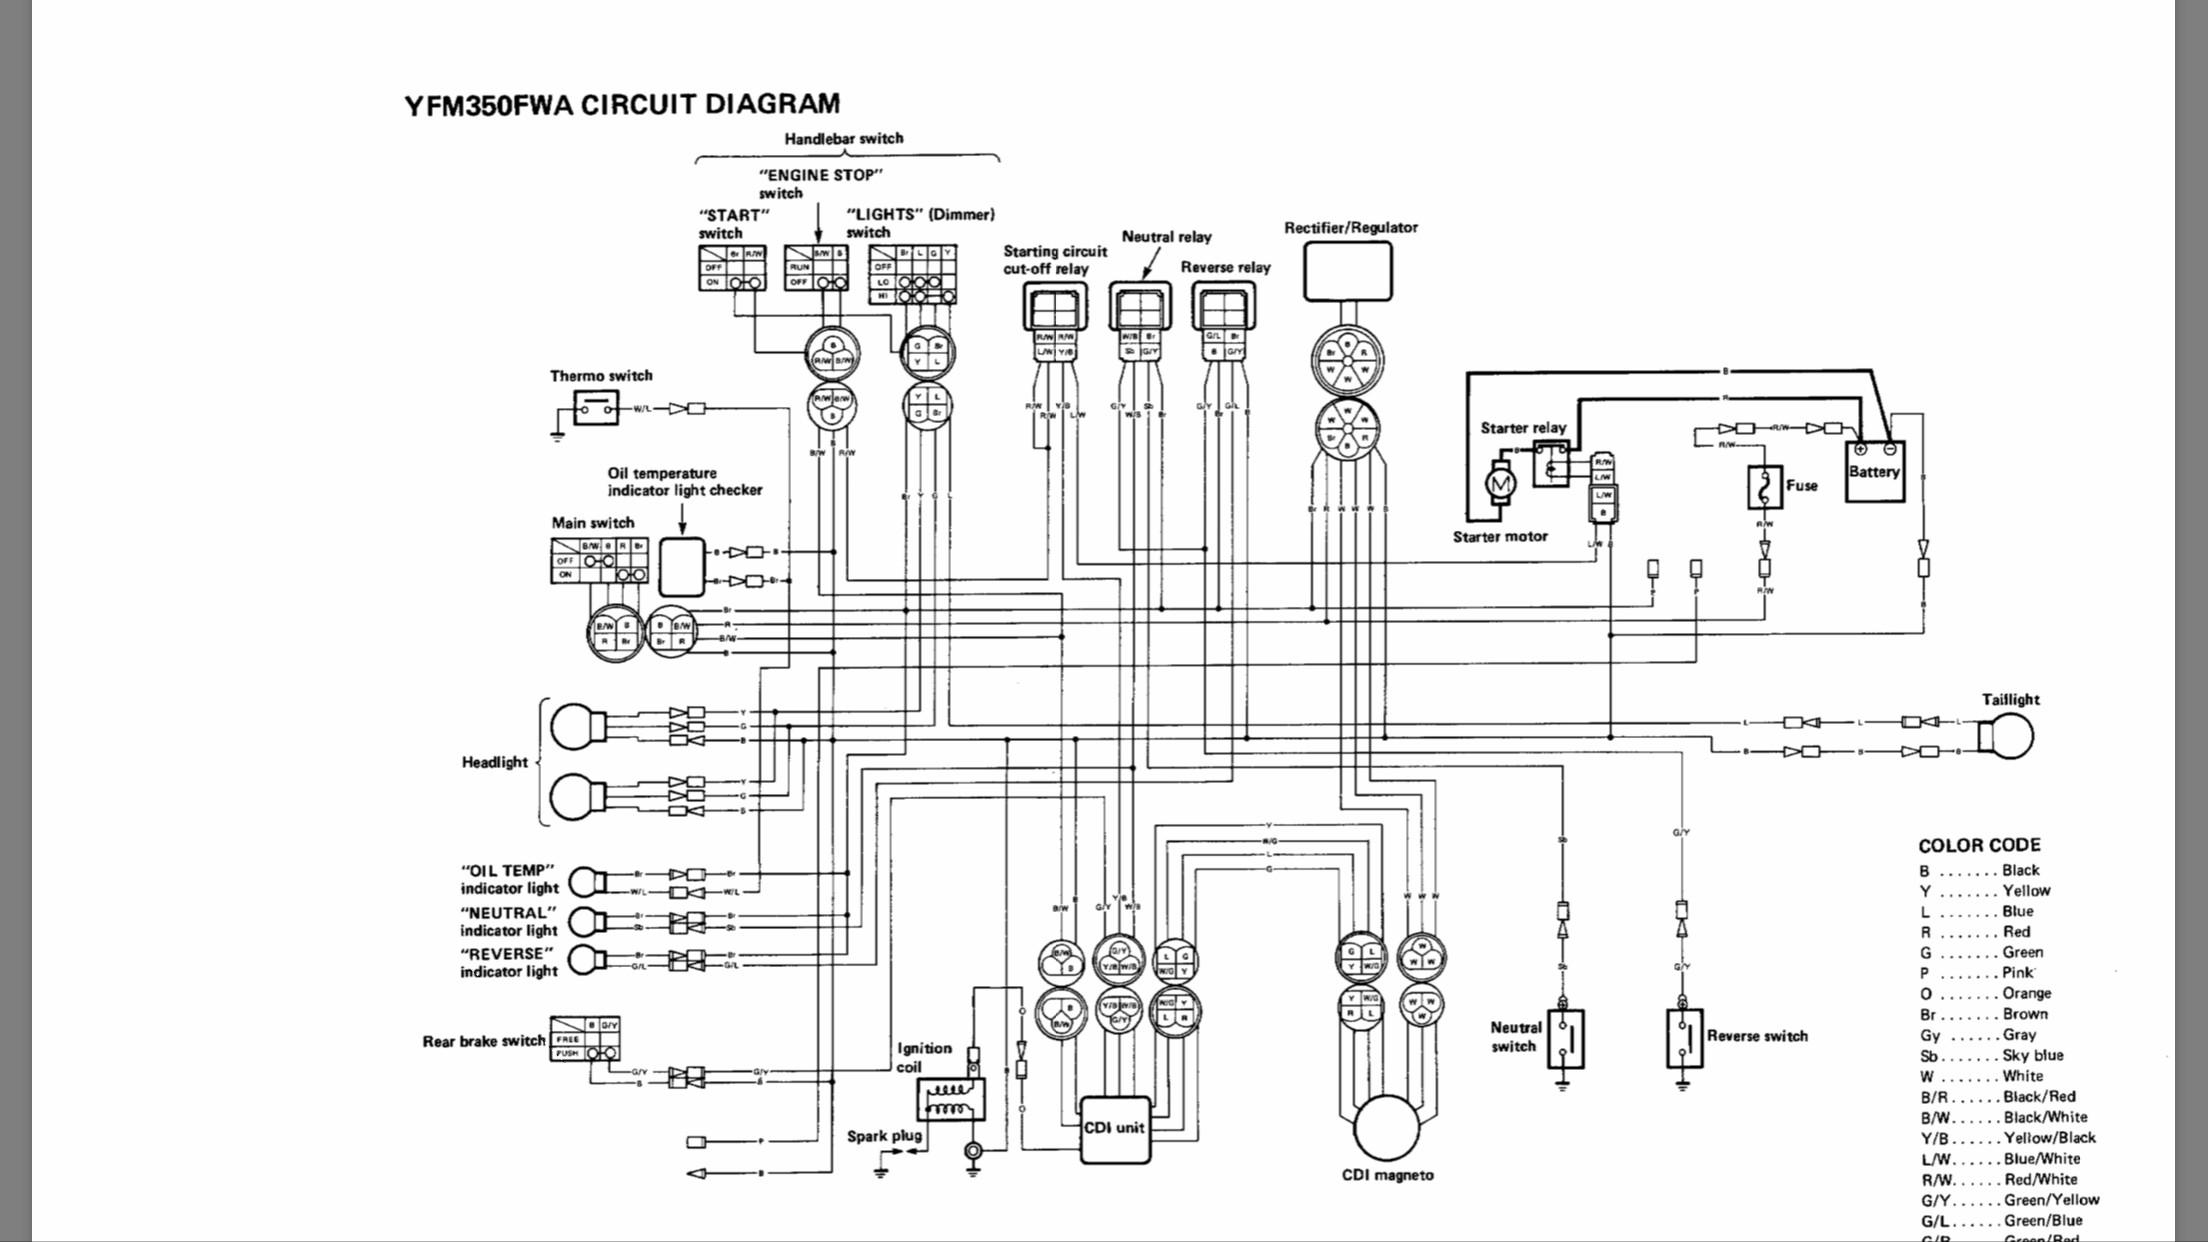 Yamaha Big Bear 350 Electric Diagram 1999 Yamaha Big Bear 350 Wiring Diagram Wiring Diagram and Schematic Of Yamaha Big Bear 350 Electric Diagram